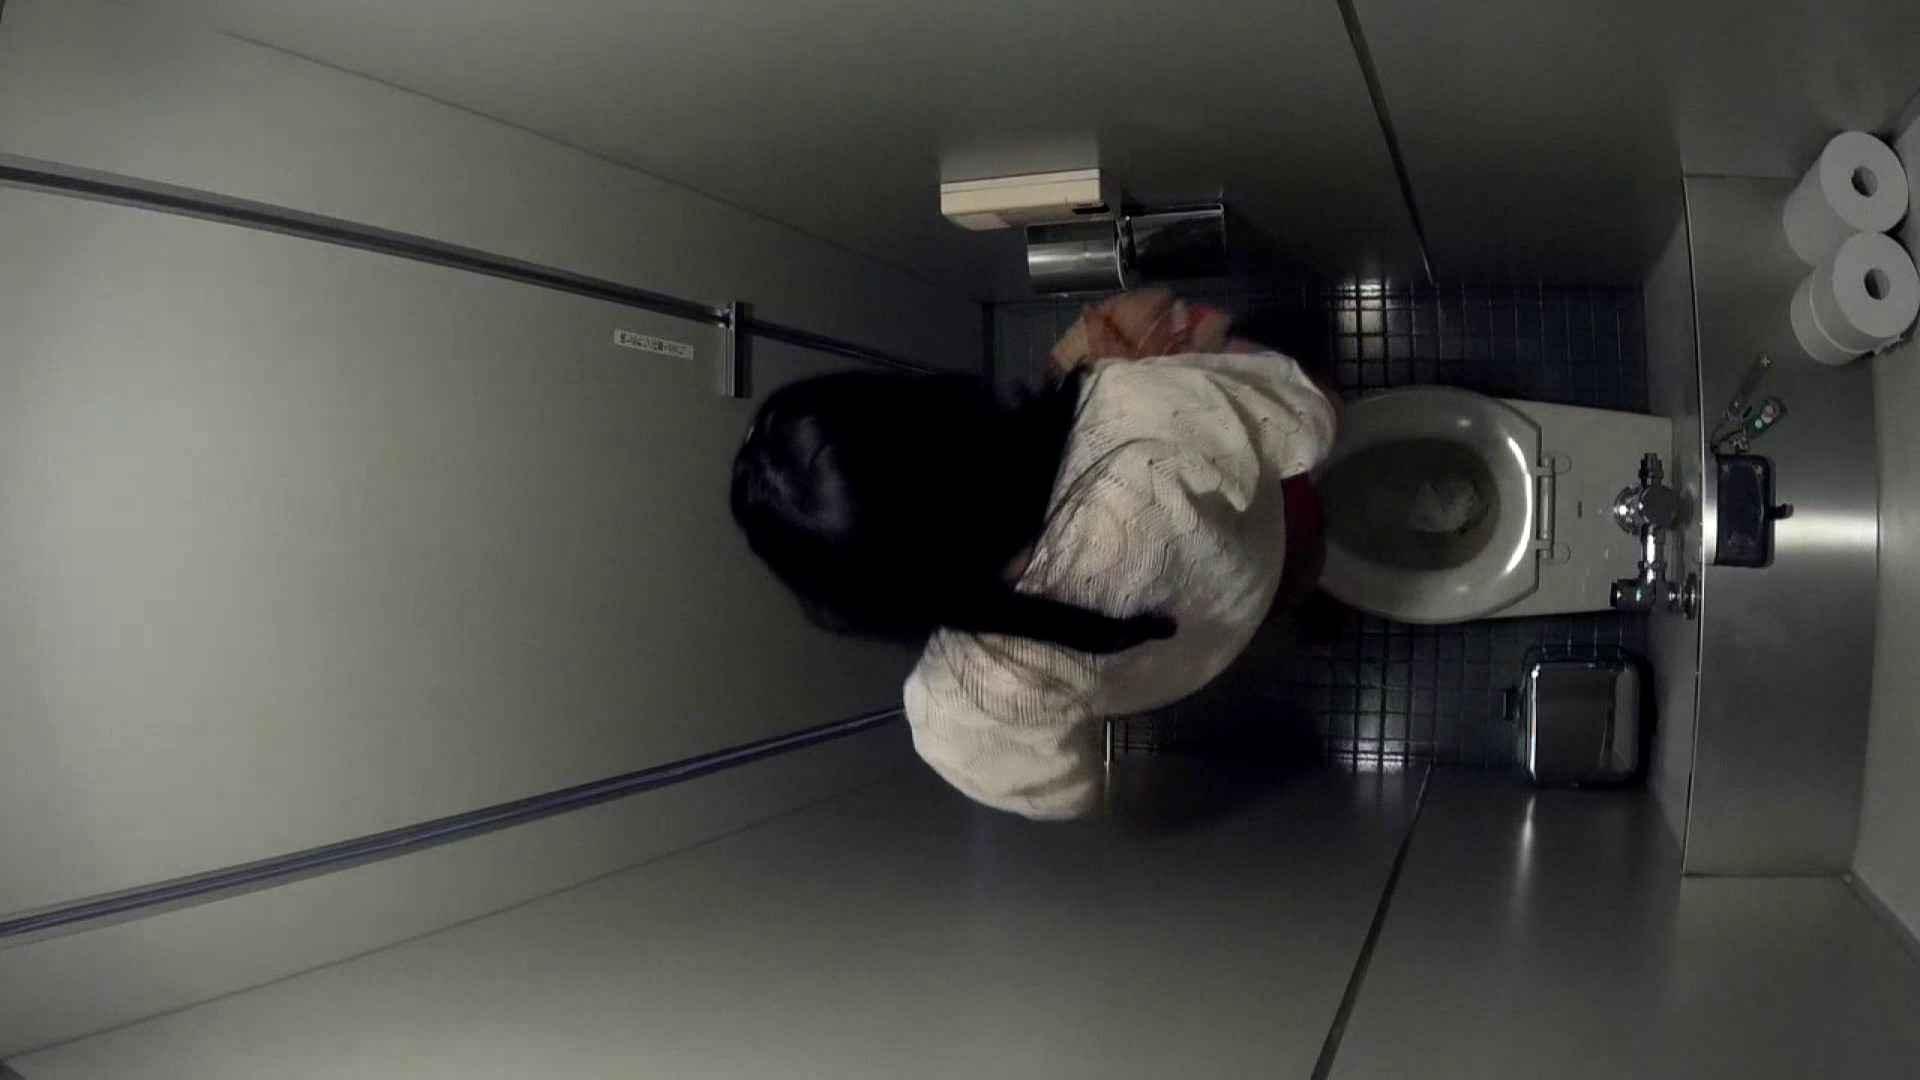 有名大学女性洗面所 vol.45 冴え渡る多方向撮影!職人技です。 OL  86連発 20